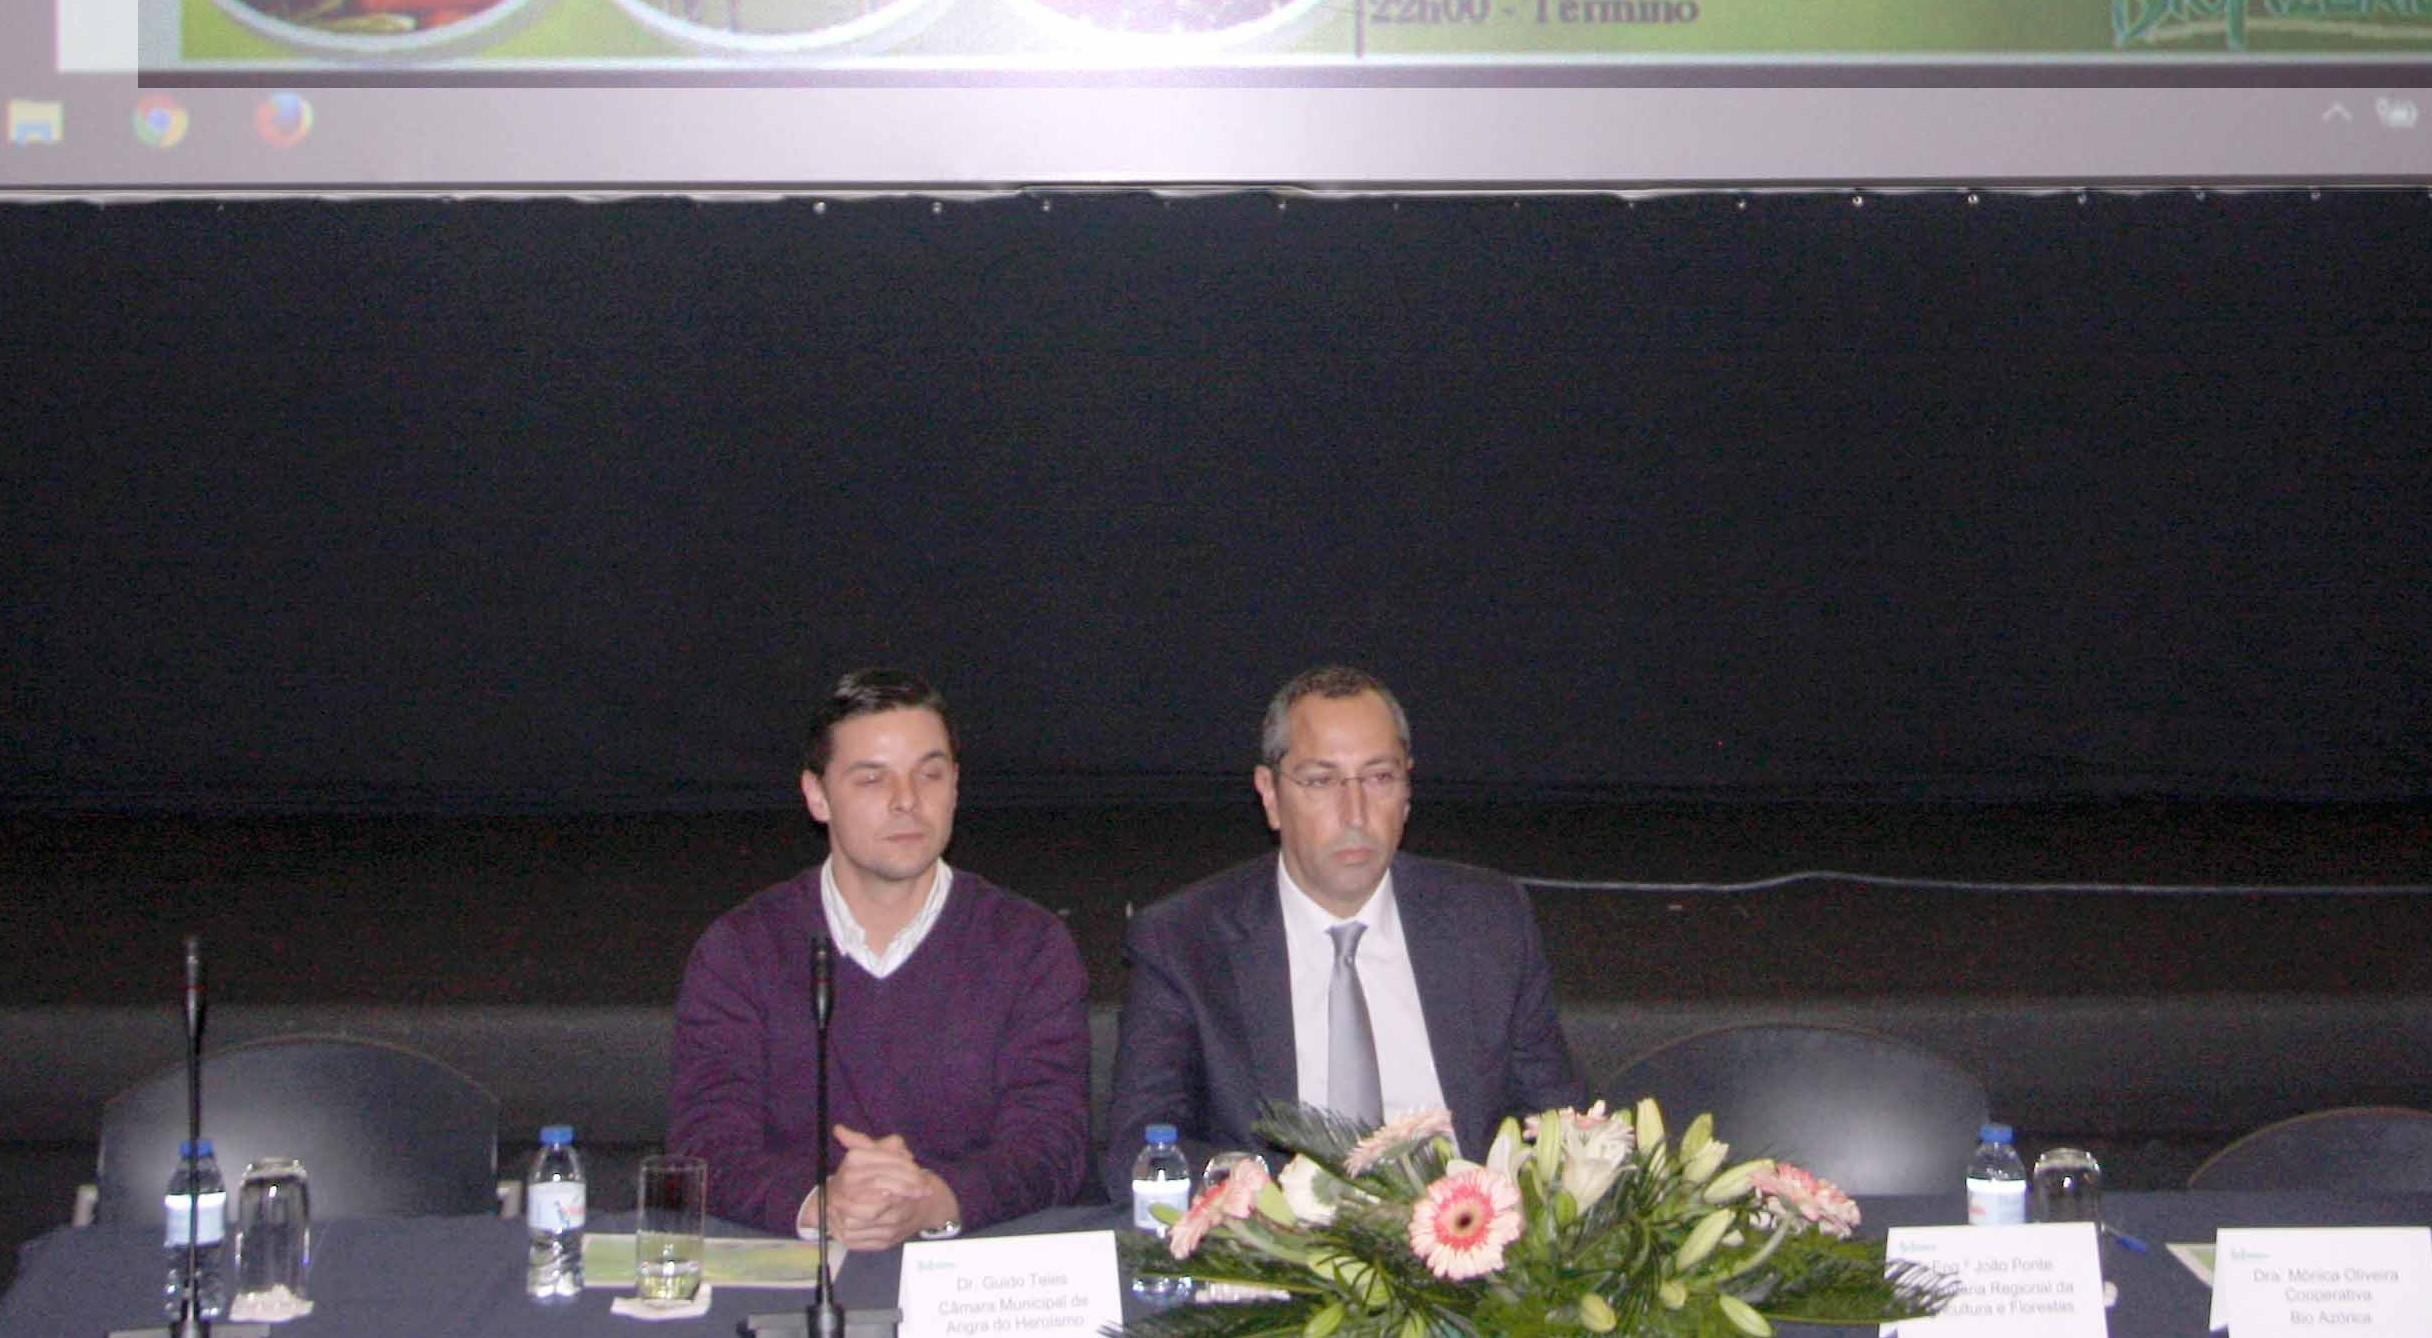 Governo dos Acores vai desenvolver plano para a agricultura e produção biológica, anuncia João Ponte